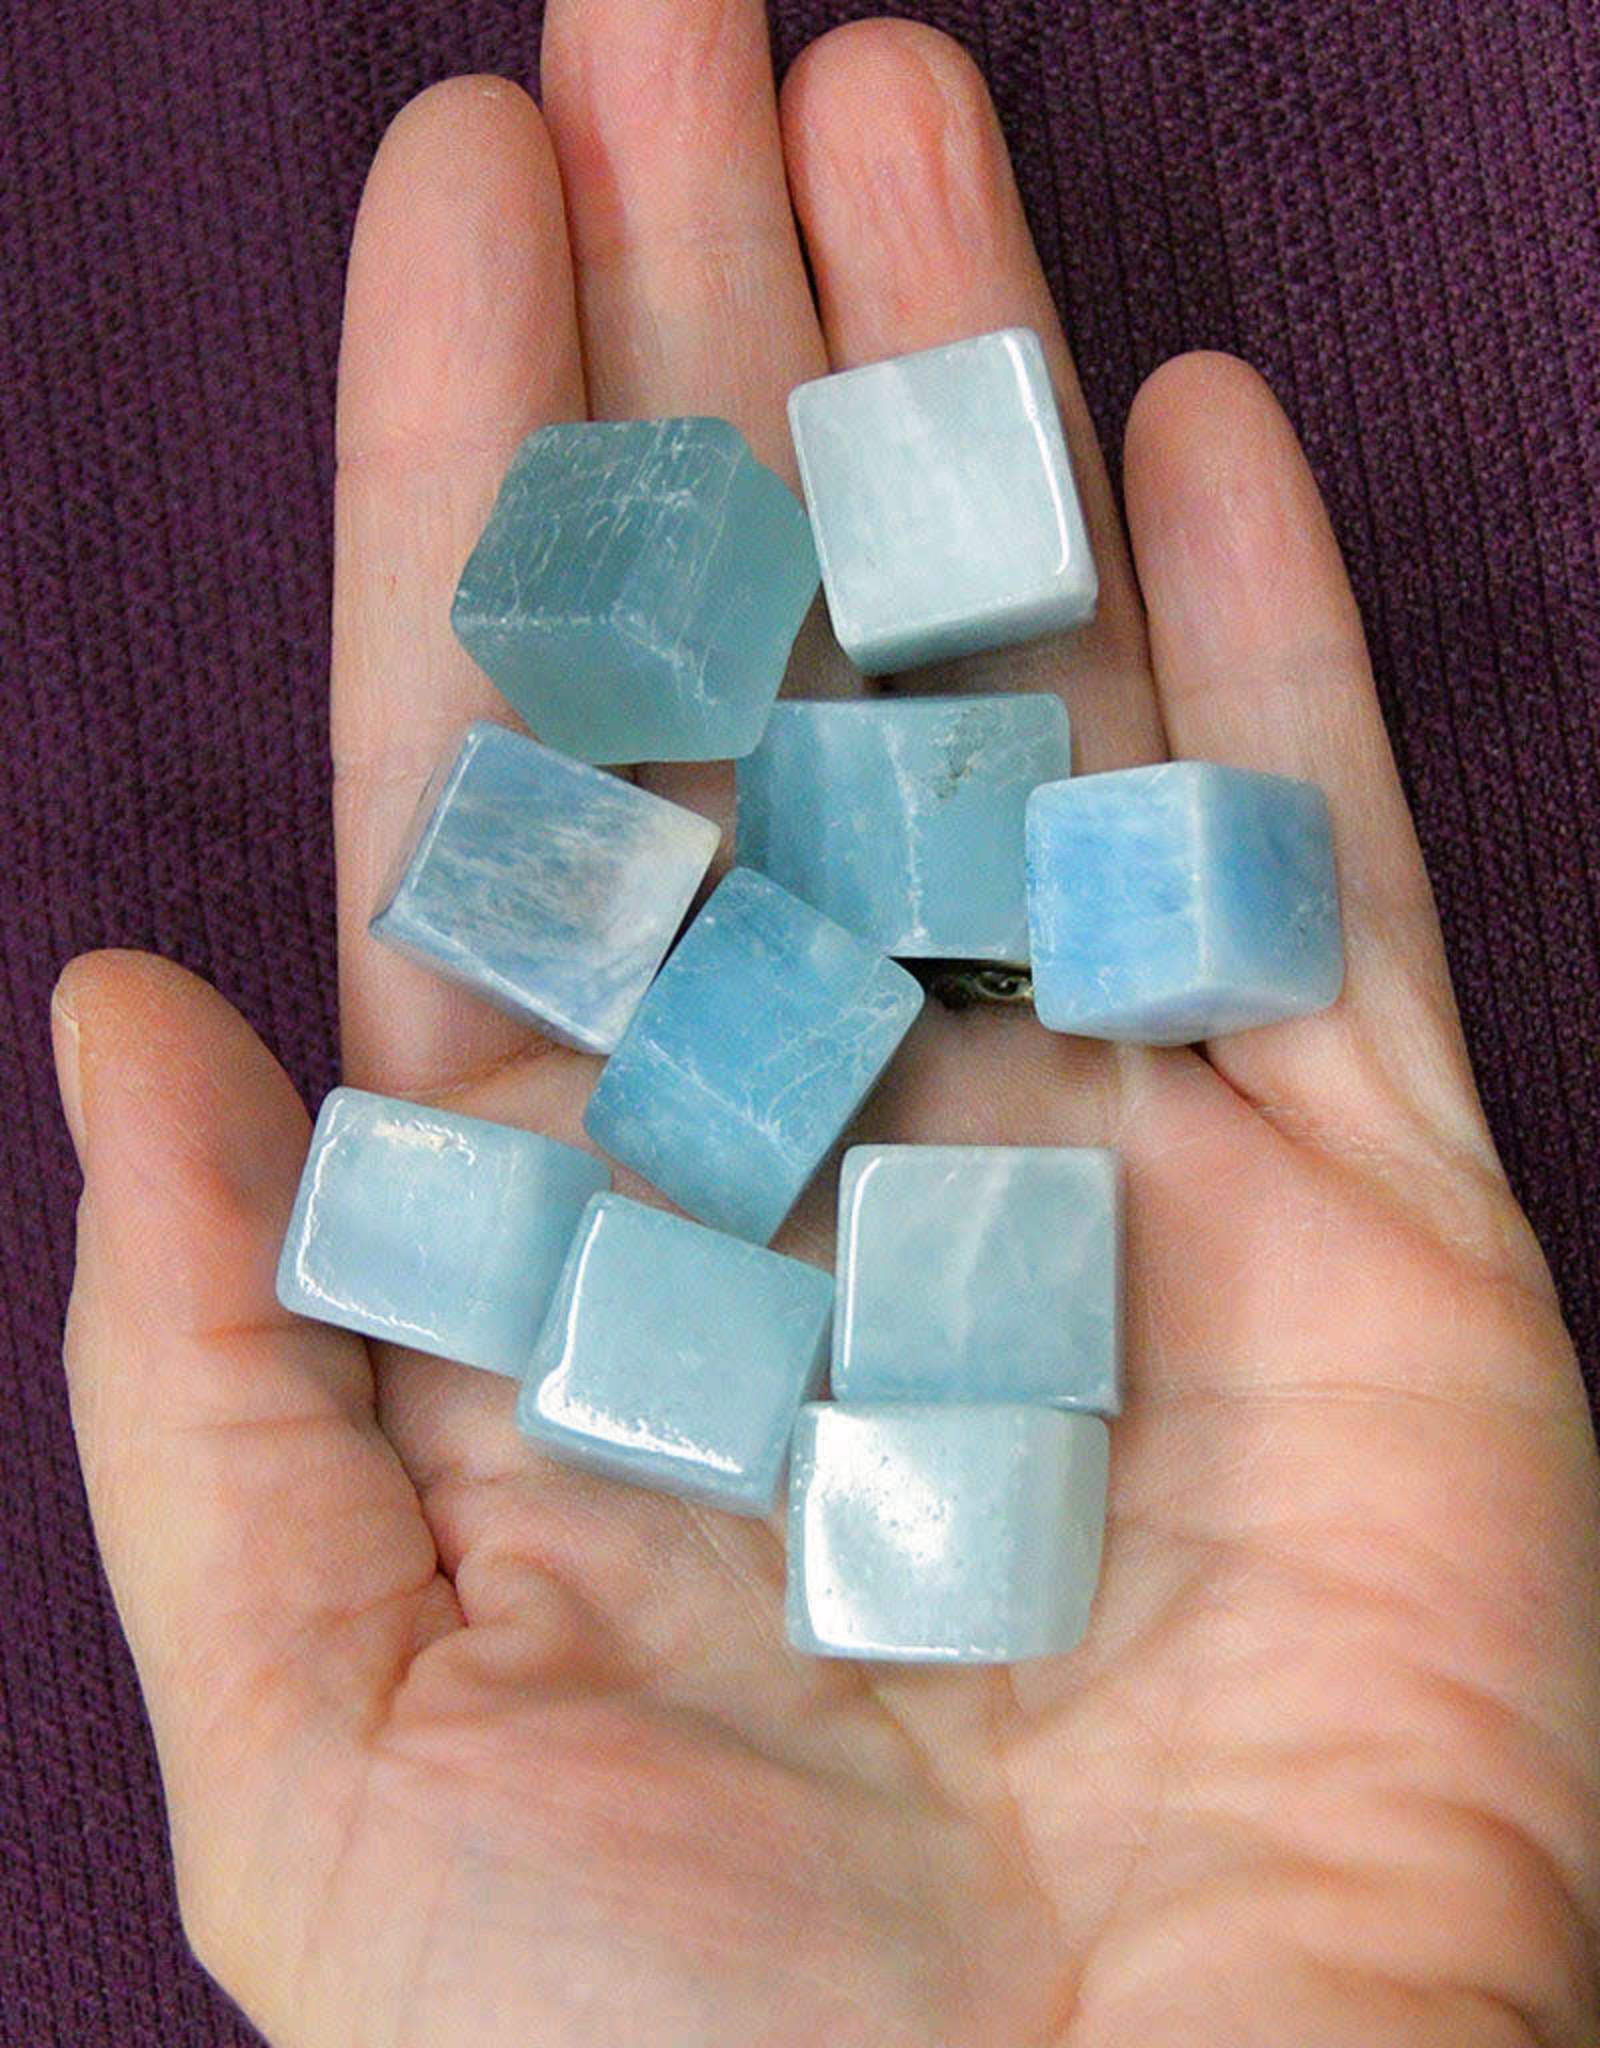 Aquamarine Cube $5